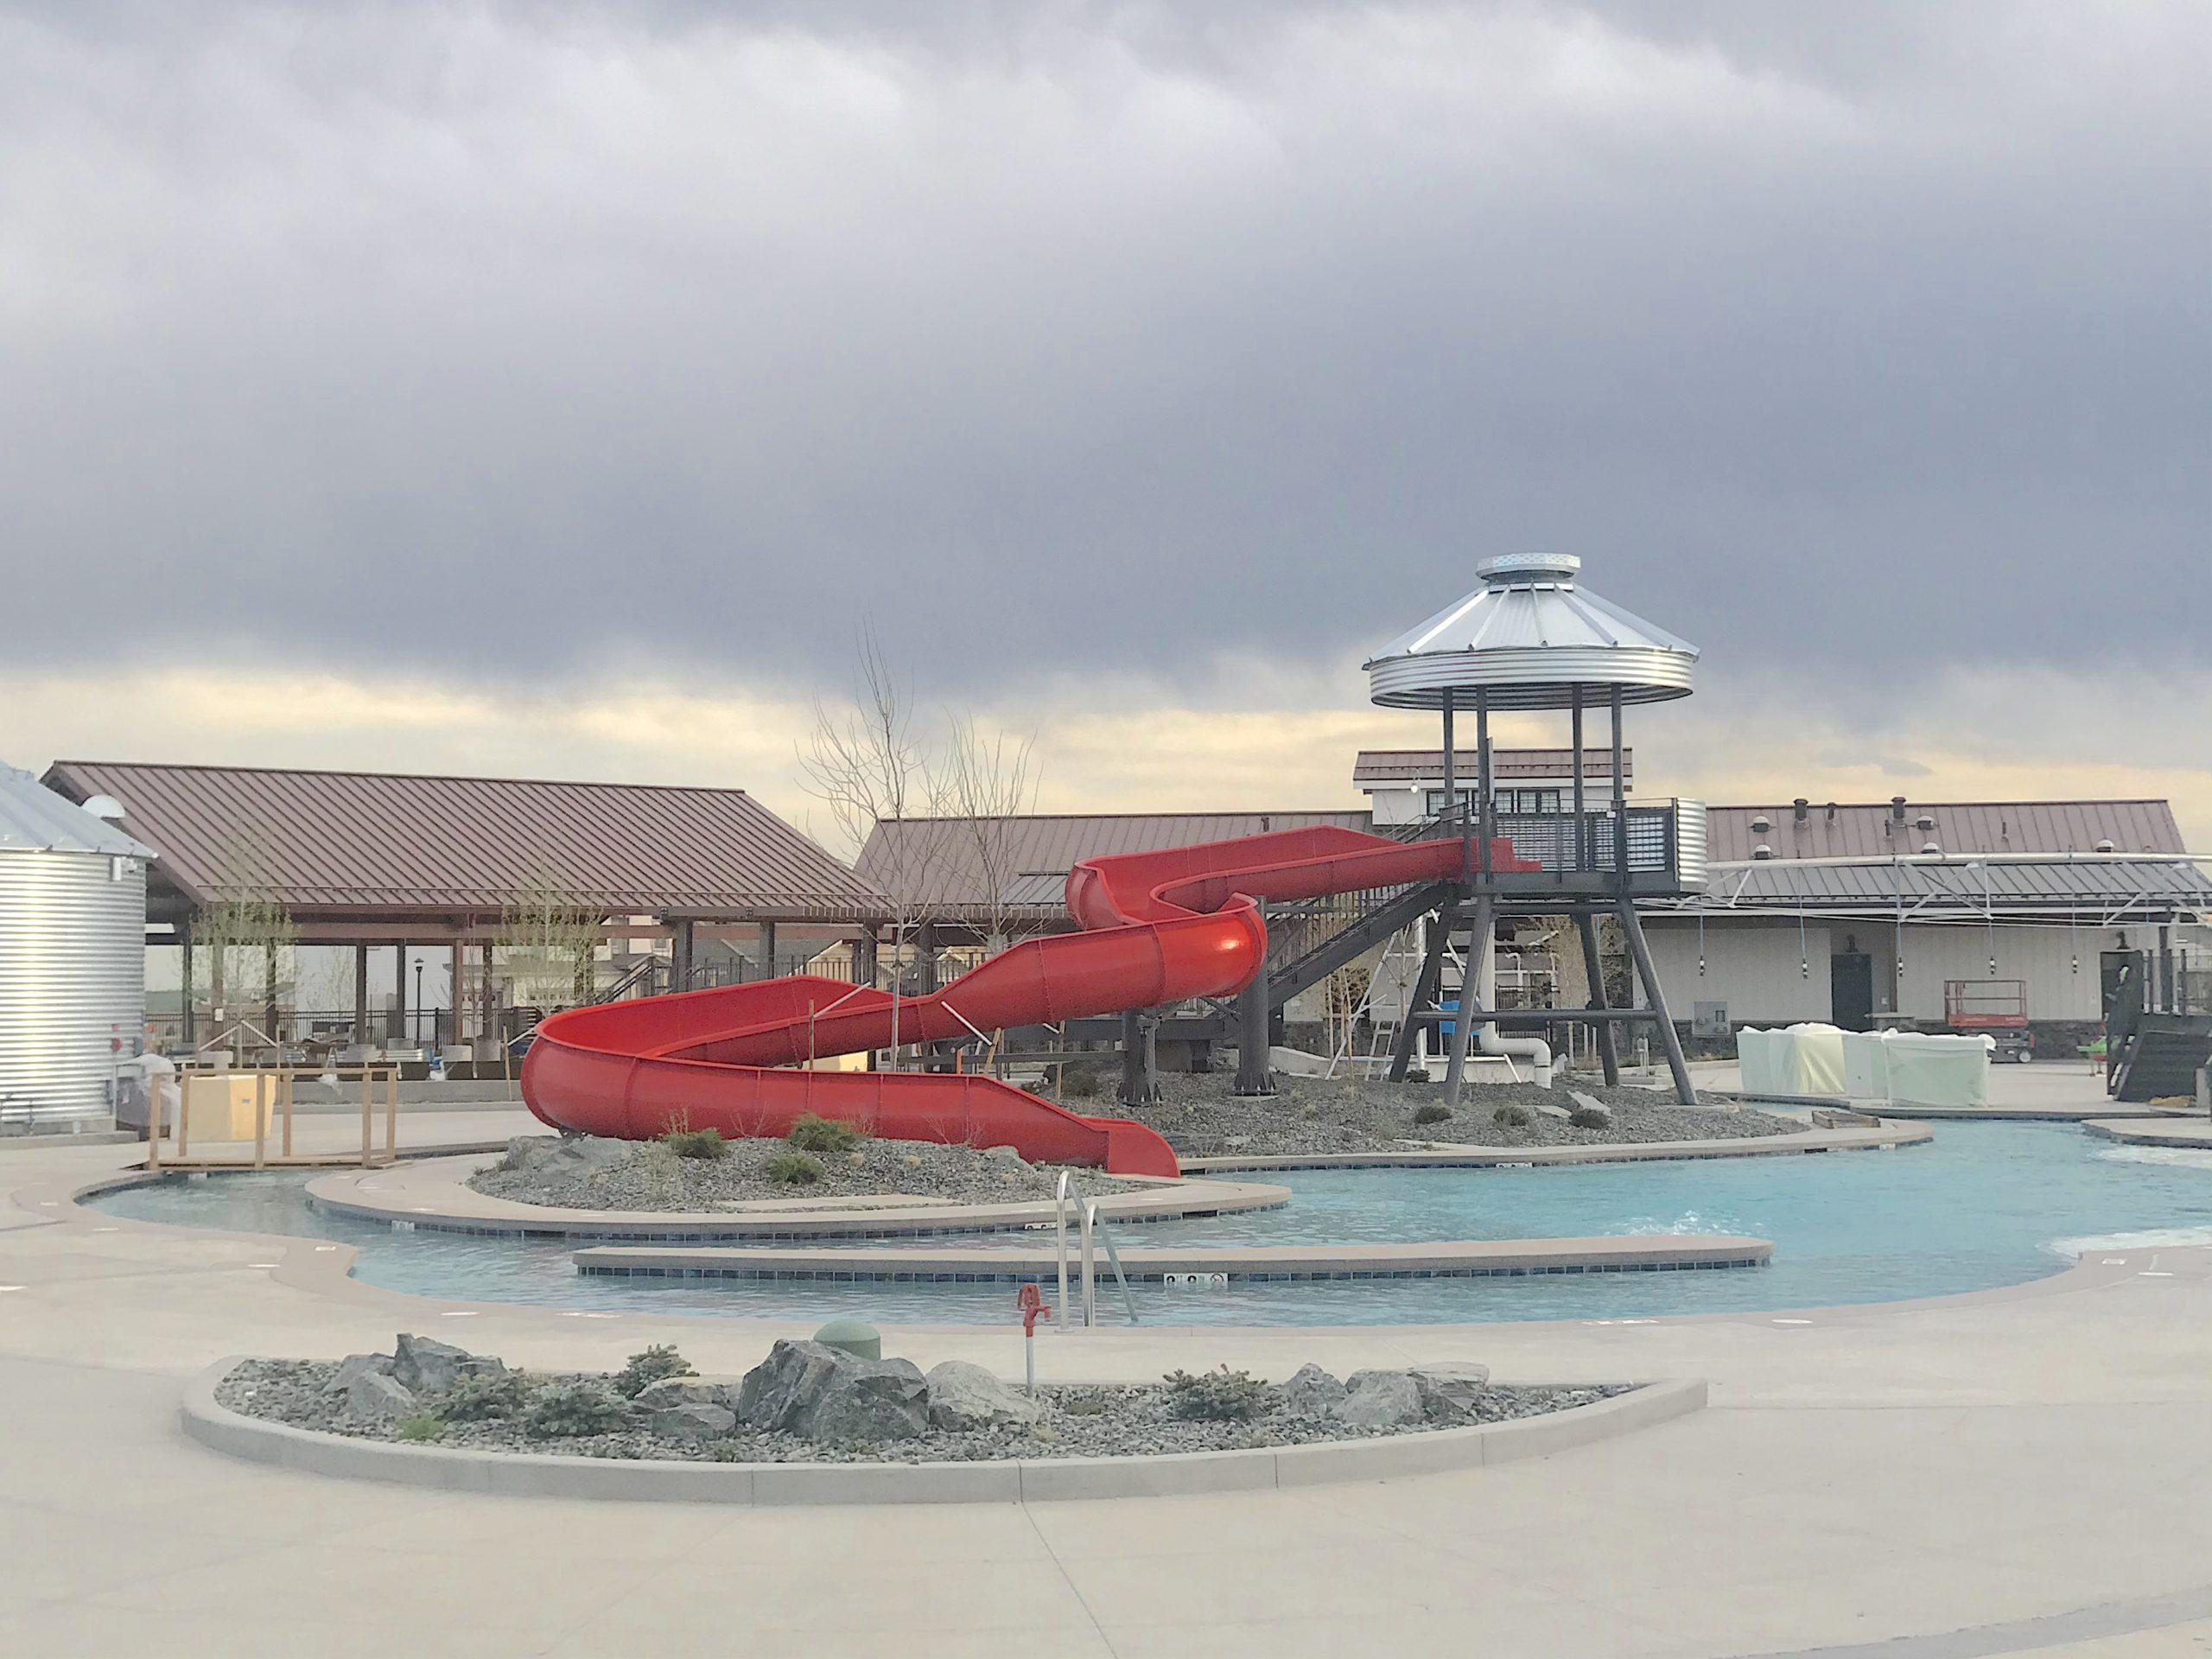 Raindance Pool